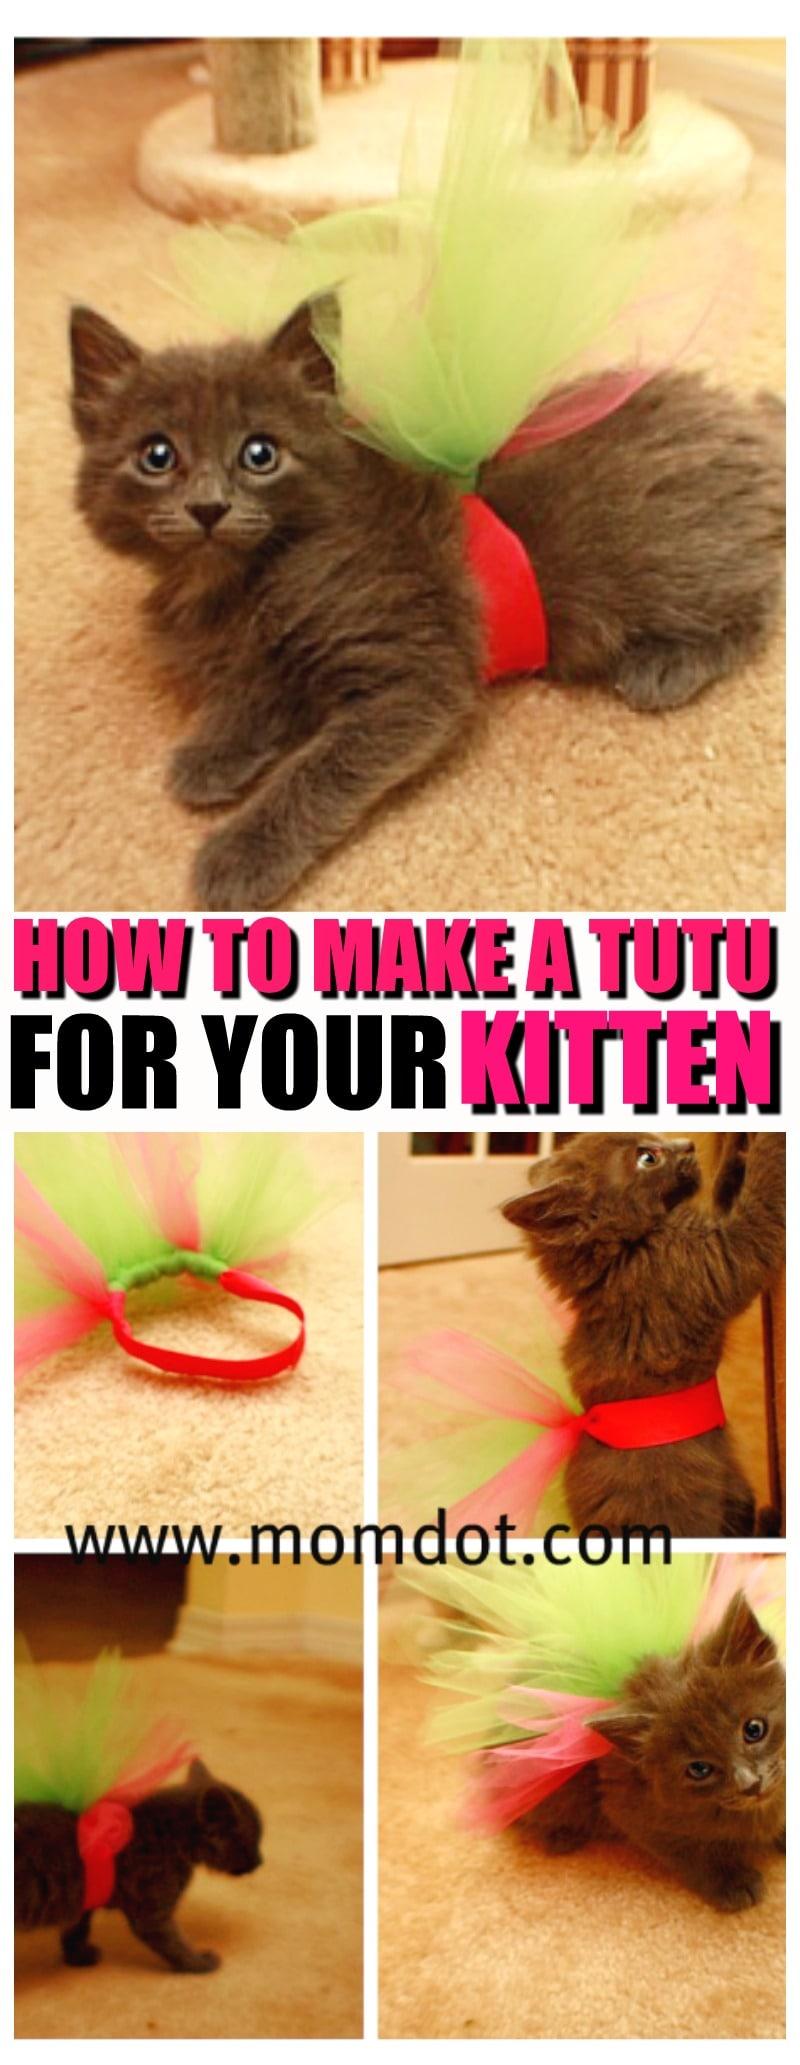 Kitten in a Tutu | How to make a tutu for your kitten | Tutu Tutorial